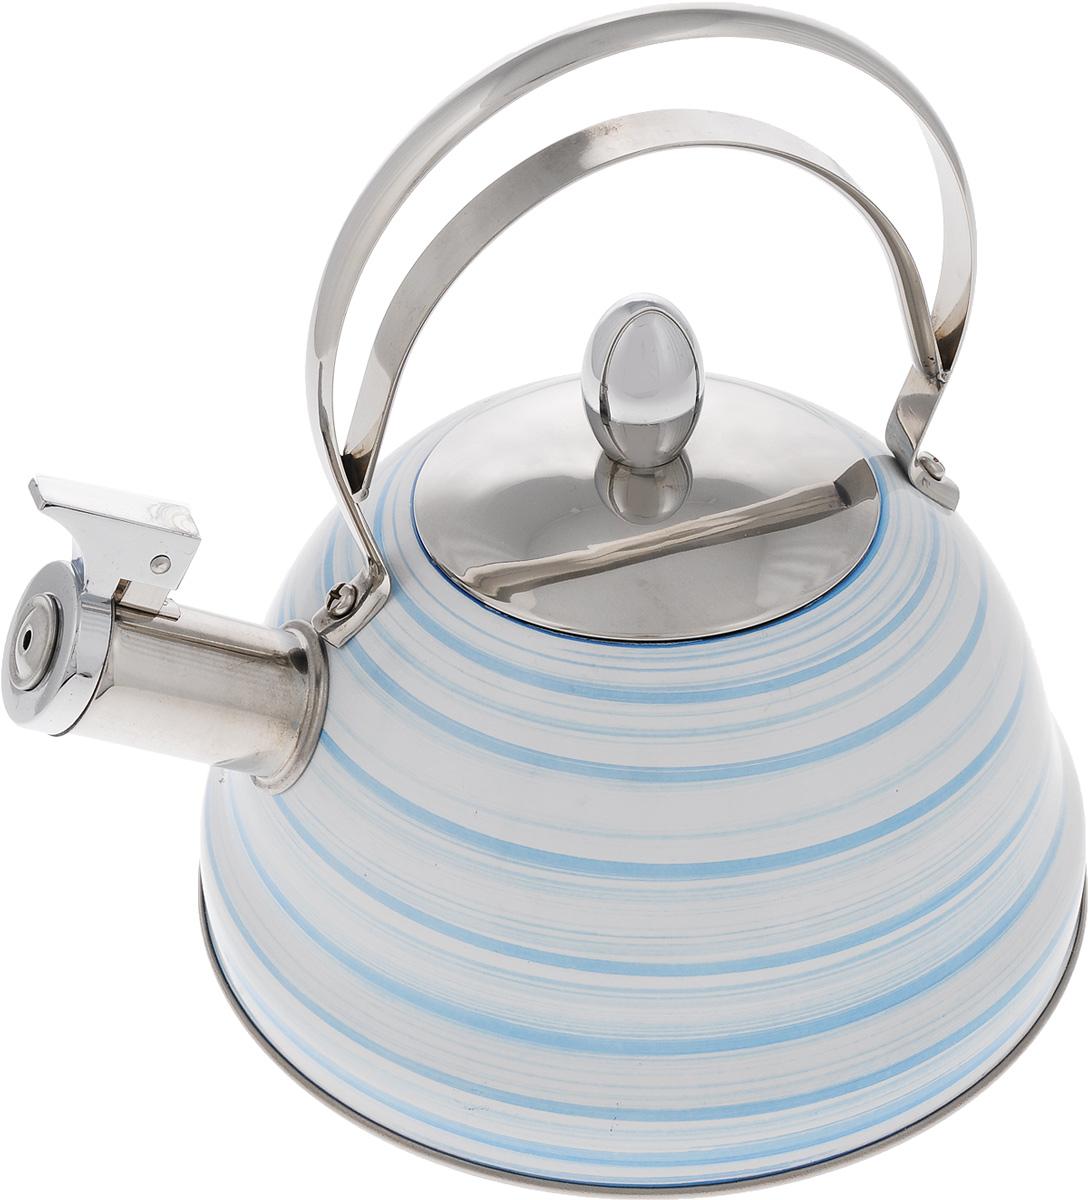 Чайник Mayer & Boch, со свистком, цвет: белый, голубой, стальной, 2,8 л. 2142021420Чайник Mayer & Boch выполнен из высококачественной нержавеющей стали, что делает его весьма гигиеничным и устойчивым к износу при длительном использовании. Капсулированное дно с прослойкой из алюминия обеспечивает наилучшее распределение тепла. Носик чайника оснащен насадкой-свистком, звуковой сигнал которого подскажет, когда закипит вода. Фиксированная ручка из нержавеющей стали, делает использование чайника очень удобным и безопасным. Поверхность чайника гладкая, что облегчает уход за ним. Эстетичный и функциональный, с эксклюзивным дизайном, чайник будет оригинально смотреться в любом интерьере. Подходит для всех типов плит, включая индукционные. Можно мыть в посудомоечной машине. Высота чайника (без учета ручки и крышки): 10,5 см. Высота чайника (с учетом ручки и крышки): 23 см. Диаметр чайника (по верхнему краю): 10 см.